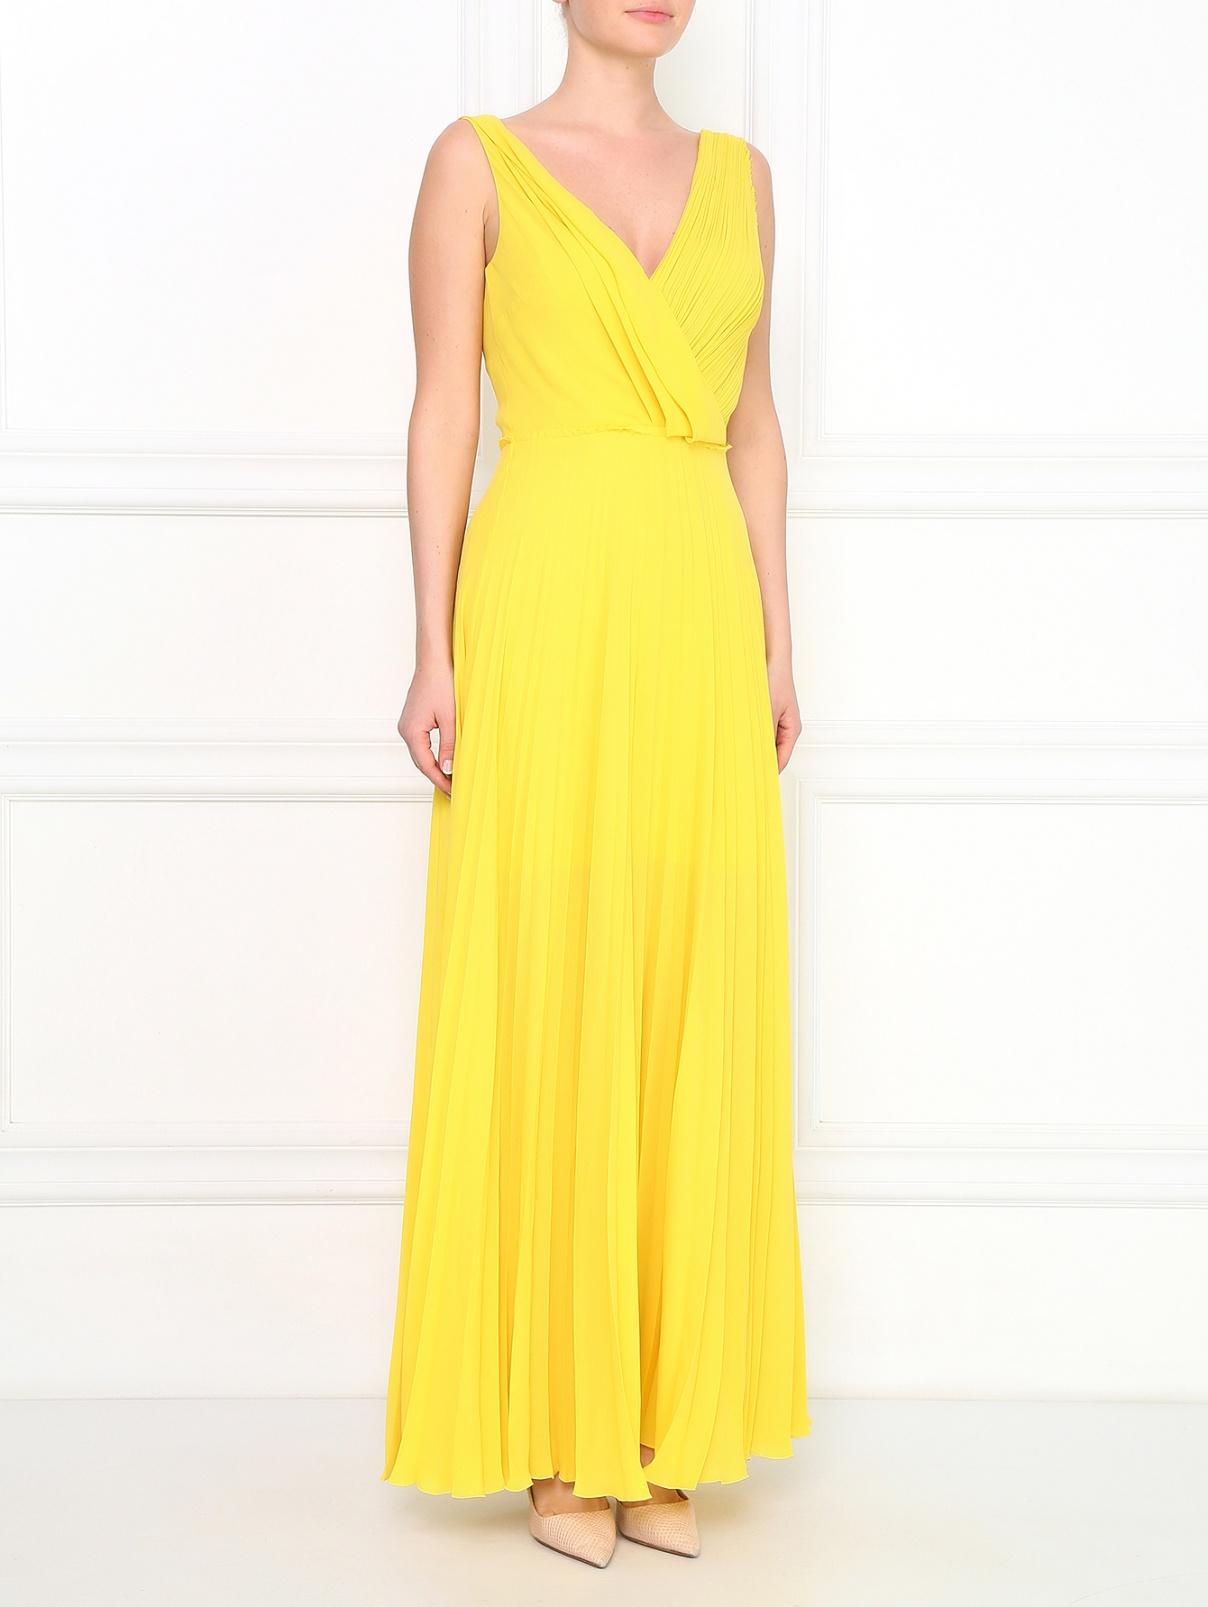 Платье-макси с плиссировкой и драпировками Cedric Charlier  –  Модель Общий вид  – Цвет:  Желтый